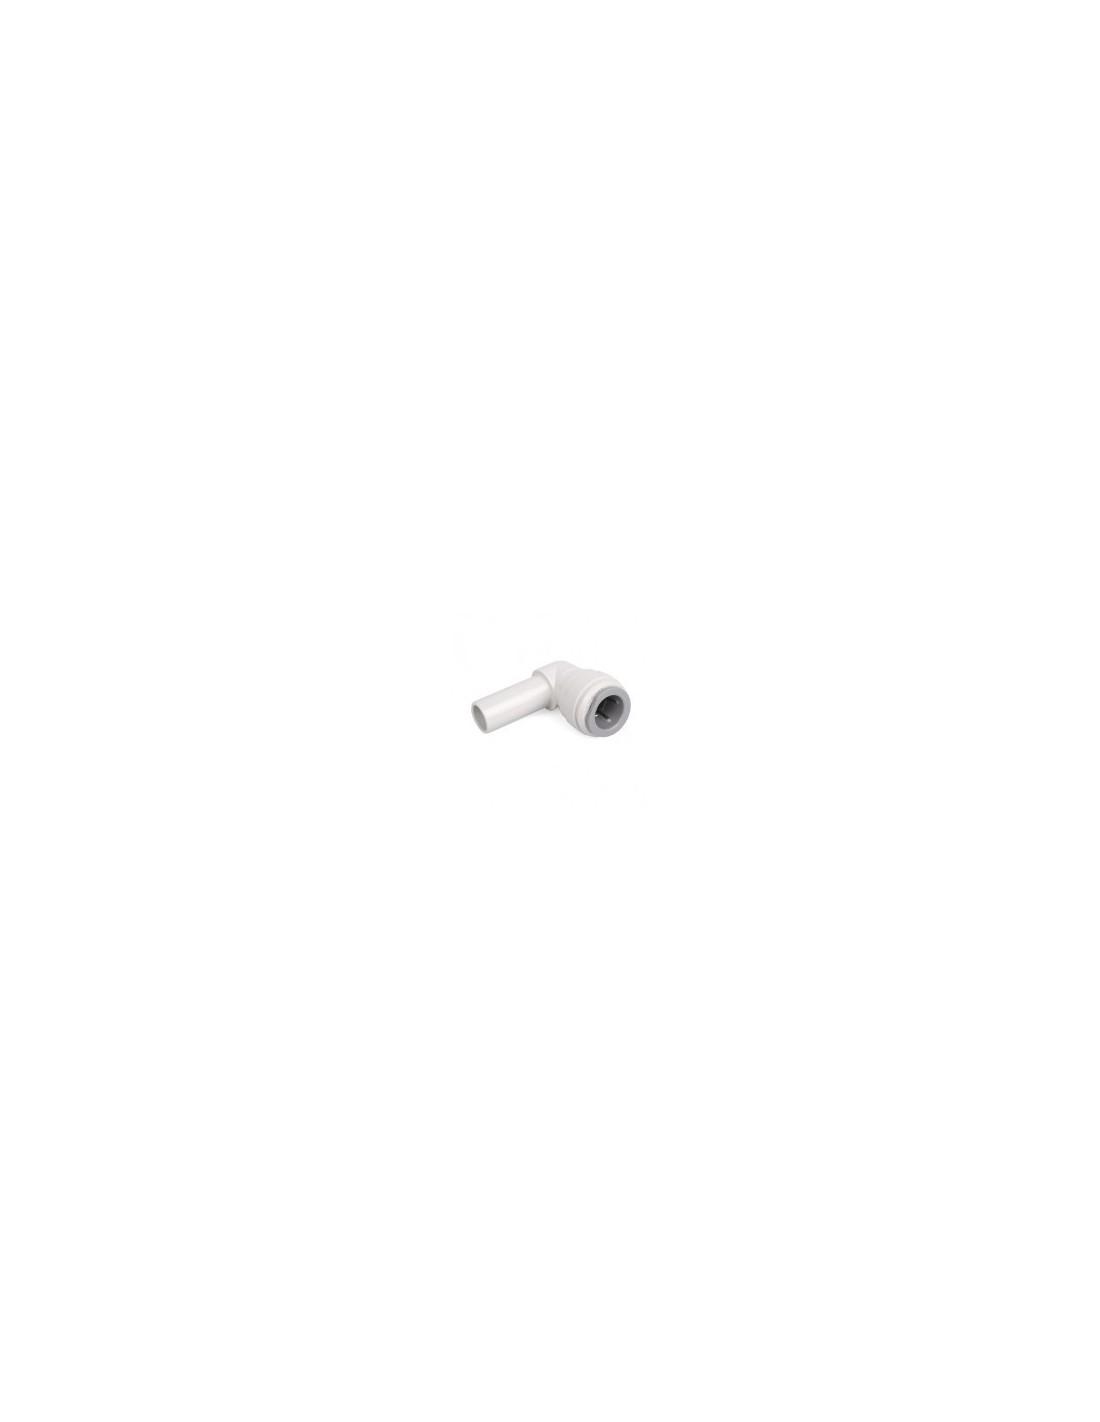 """SPO00739 - JG förminskare vinkel 12,7 x 12,7 mm (1/2"""") (pi221616s)"""